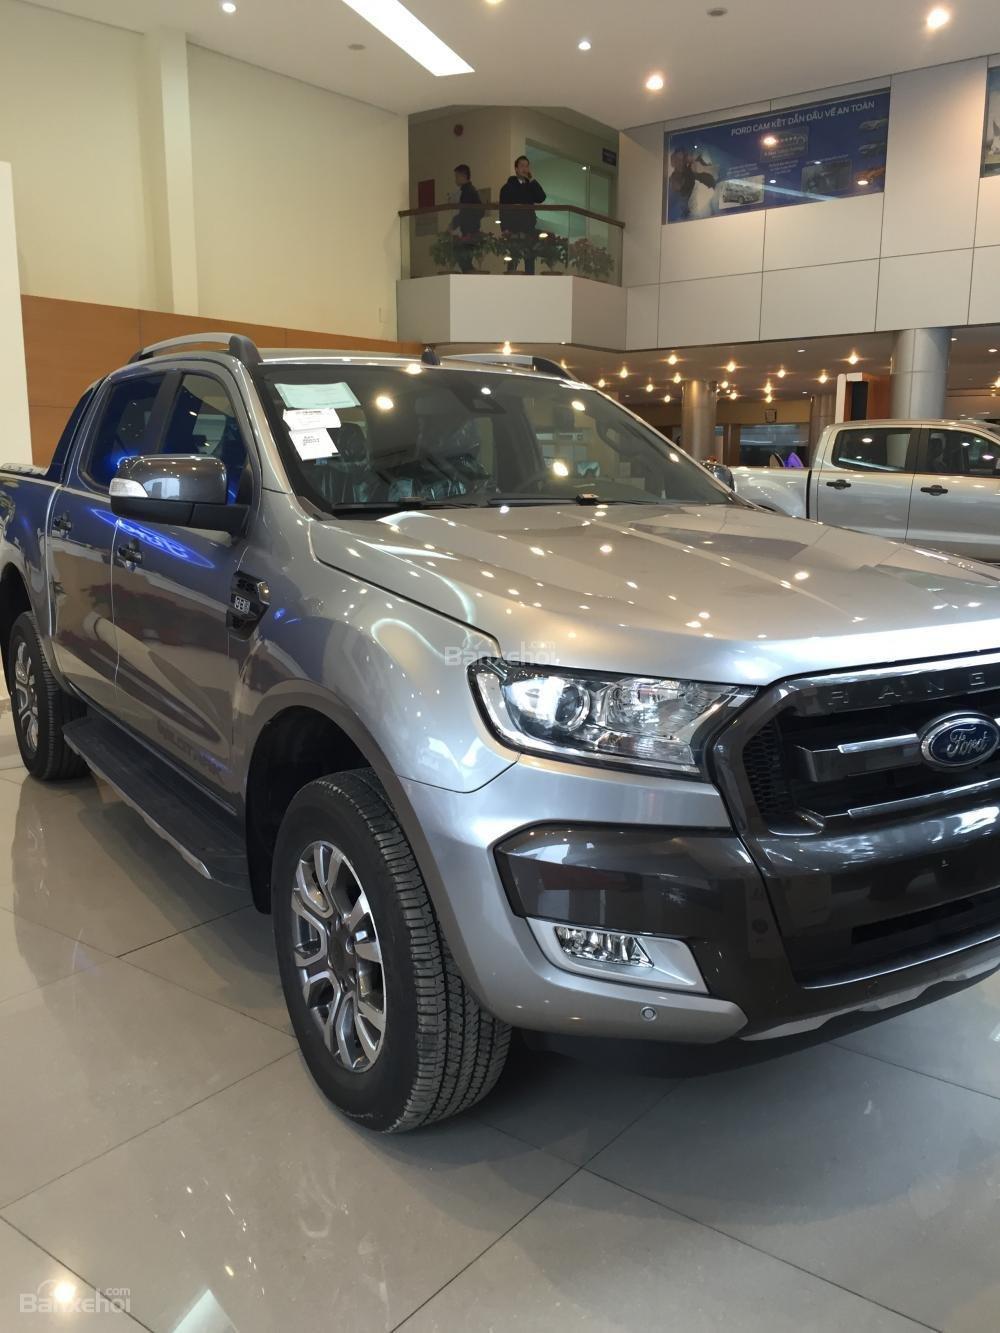 Bán Ford Ranger mới 100% giá cực rẻ, ưu đãi khủng, chỉ hơn 100 triệu có xe, LH: 033.613.5555-1